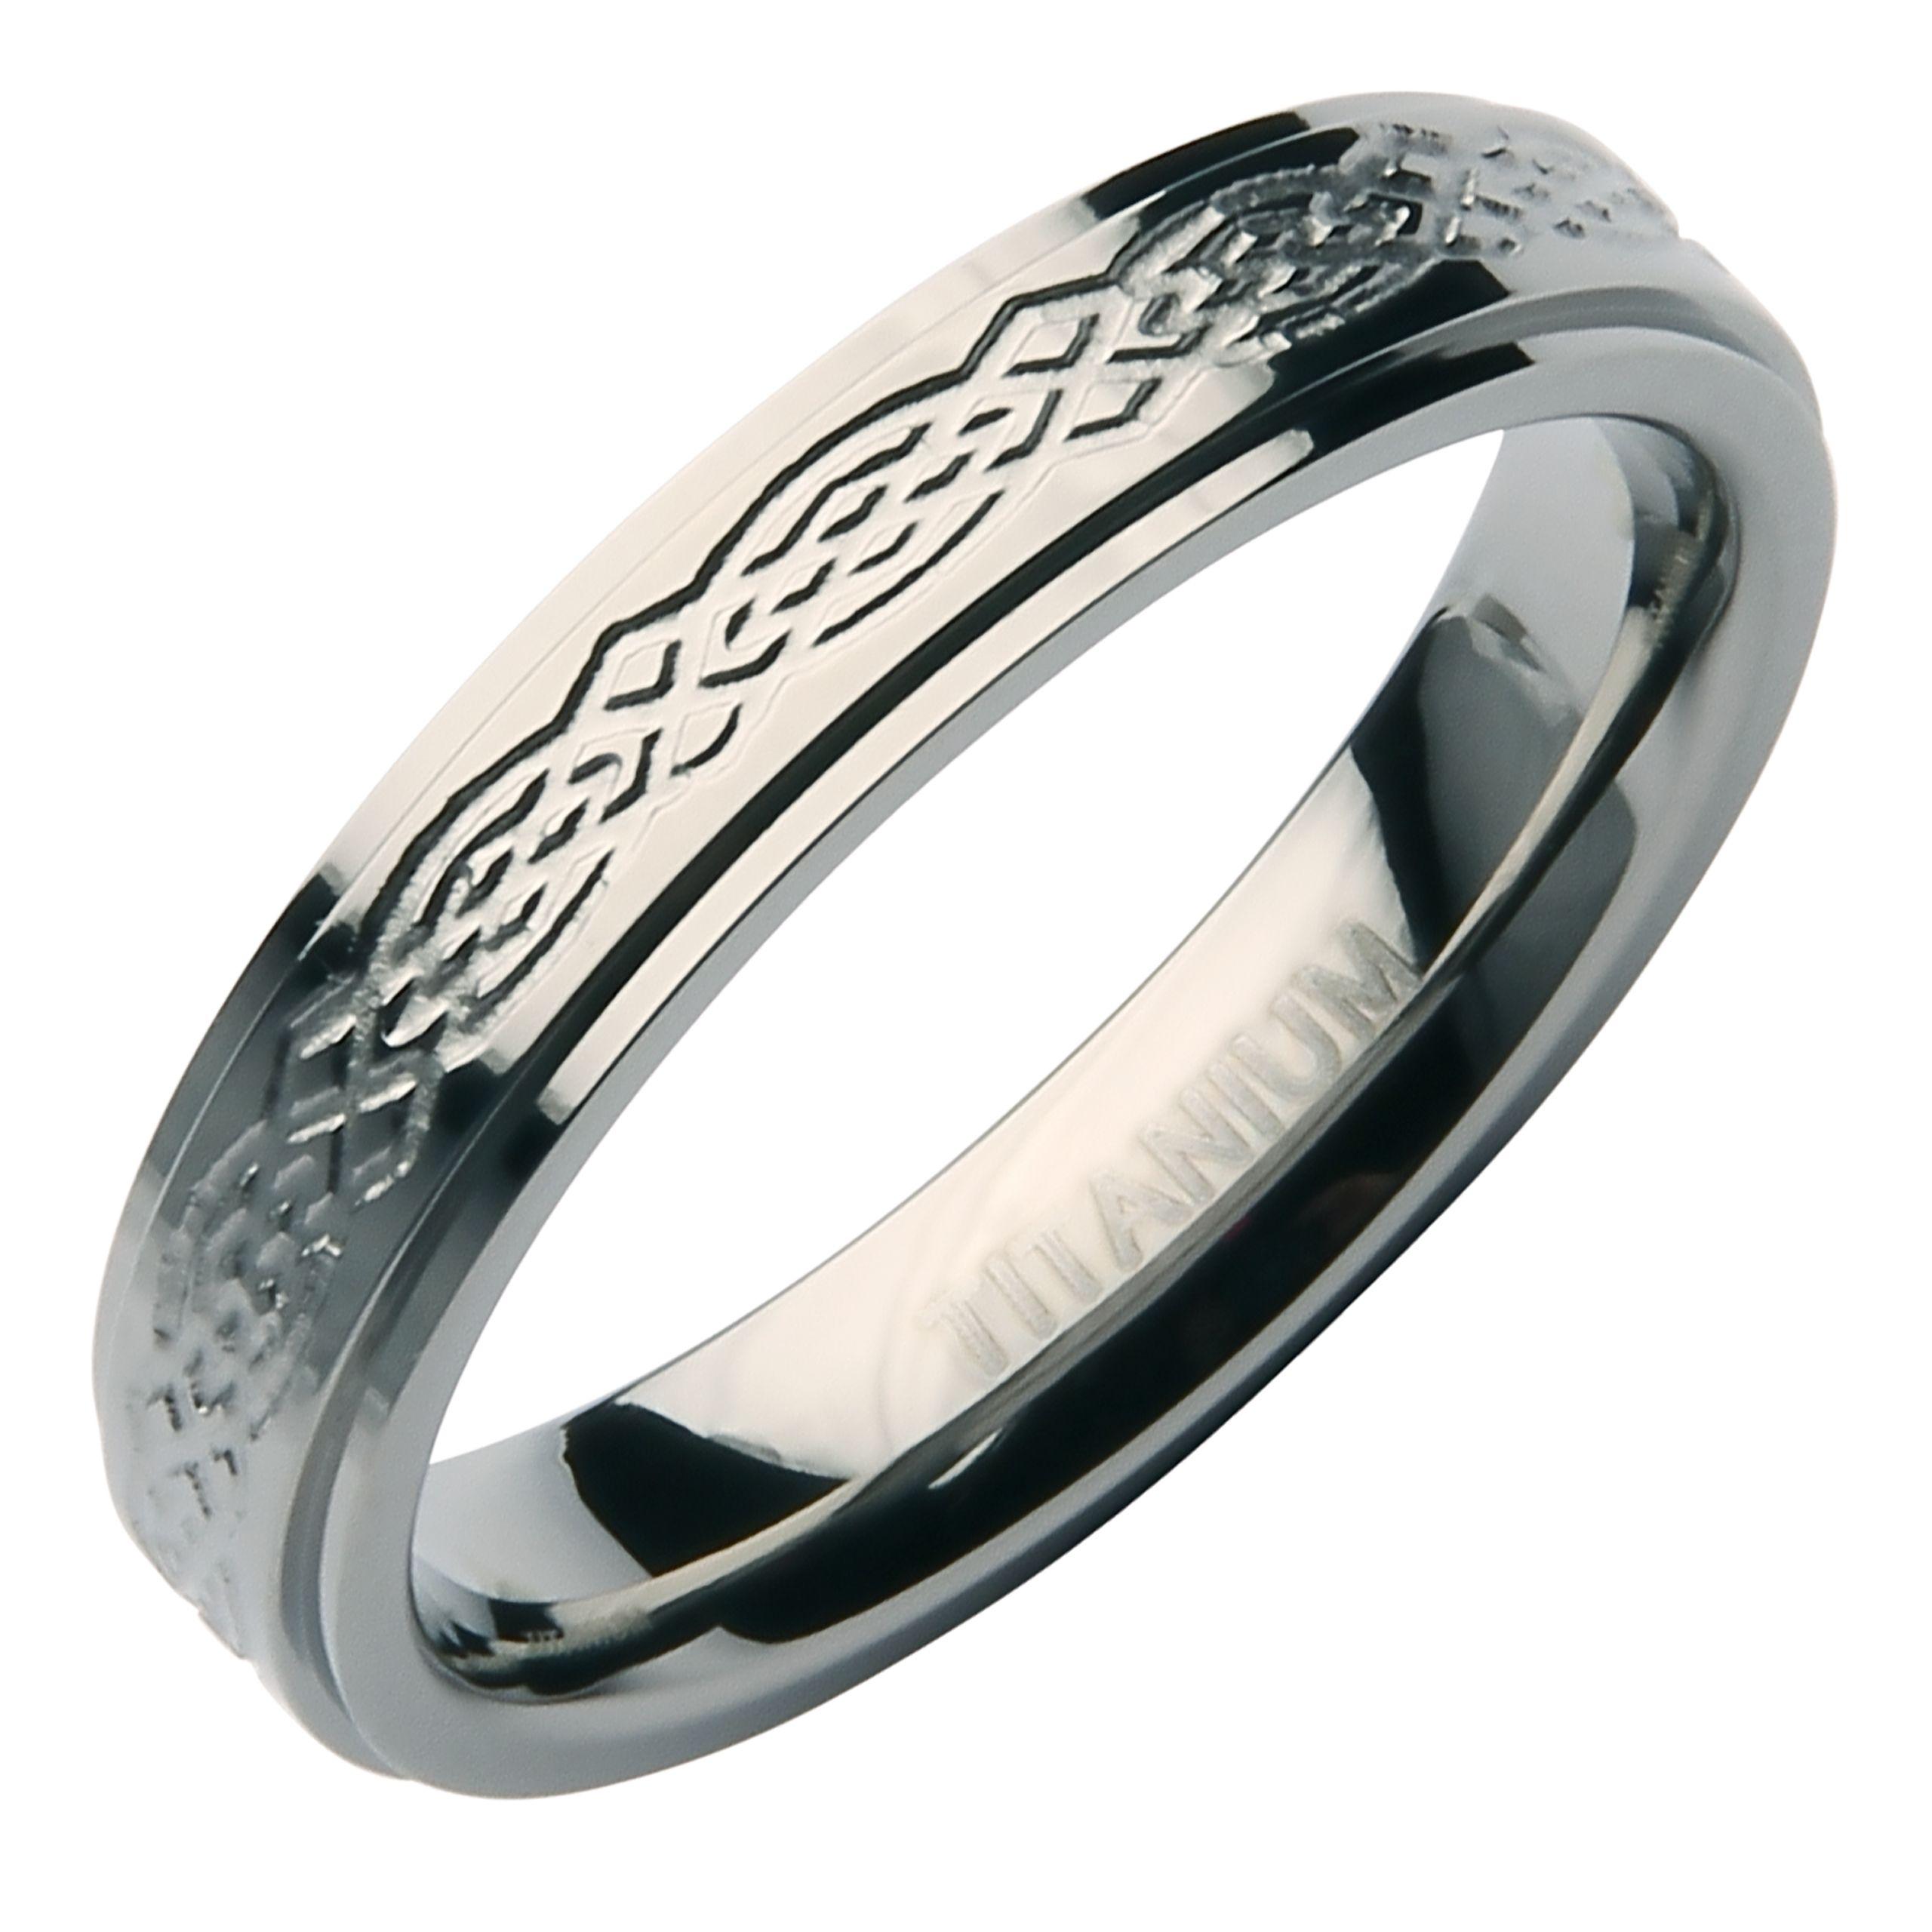 4mm Stunning Designed Titanium Wedding Band Titanium